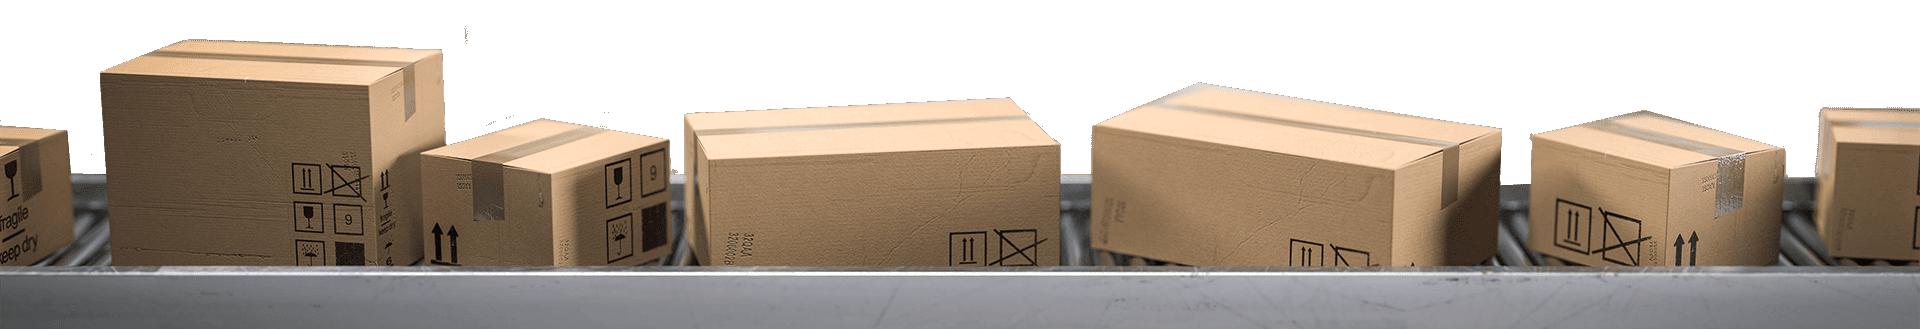 Gertex Solutions Packaging